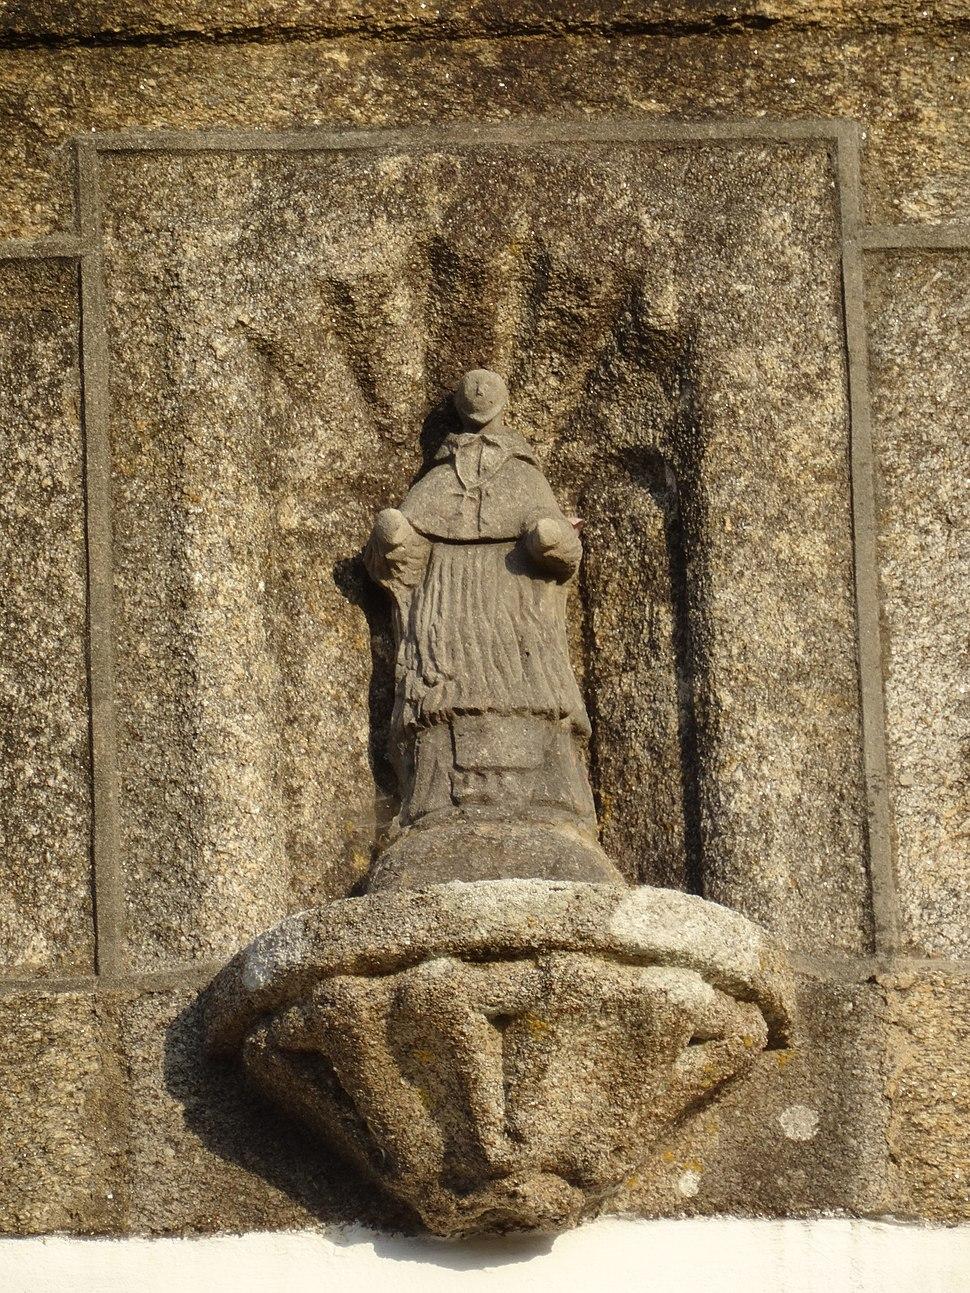 Escultura de San Xoán na fachada da igrexa do Esto, Cabana de Bergantiños